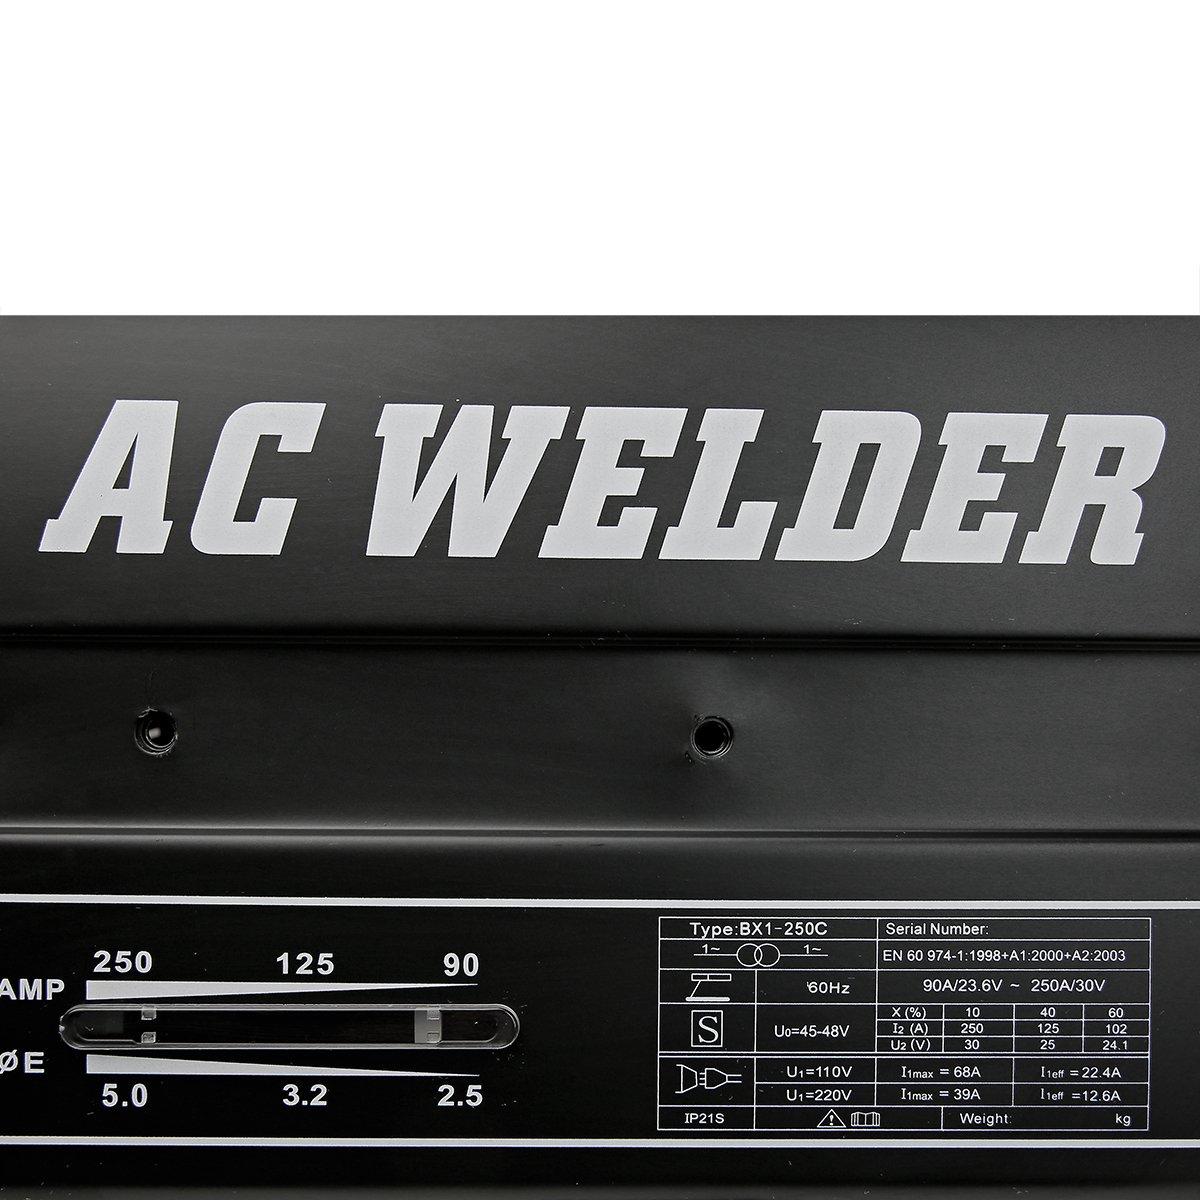 XtremepowerUS 250 AMP Arc Welder Welding Machine With Accessories by XtremepowerUS (Image #2)